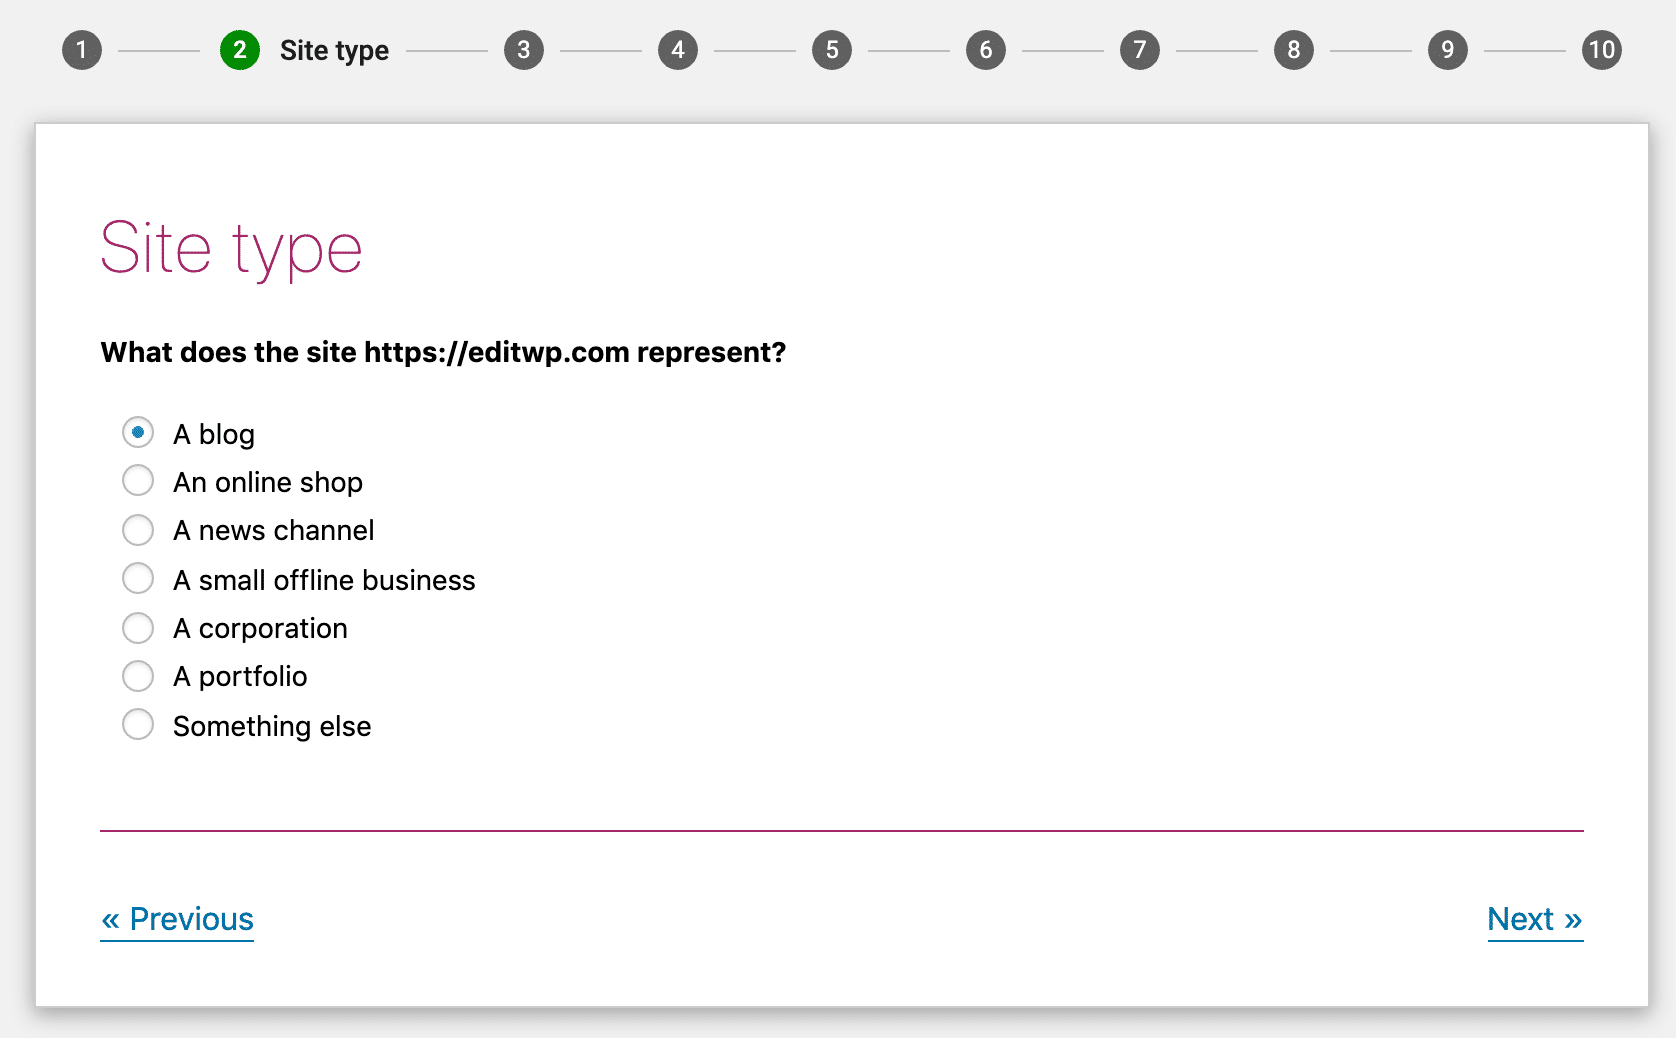 あなたのサイトに一番合うタイプを選択